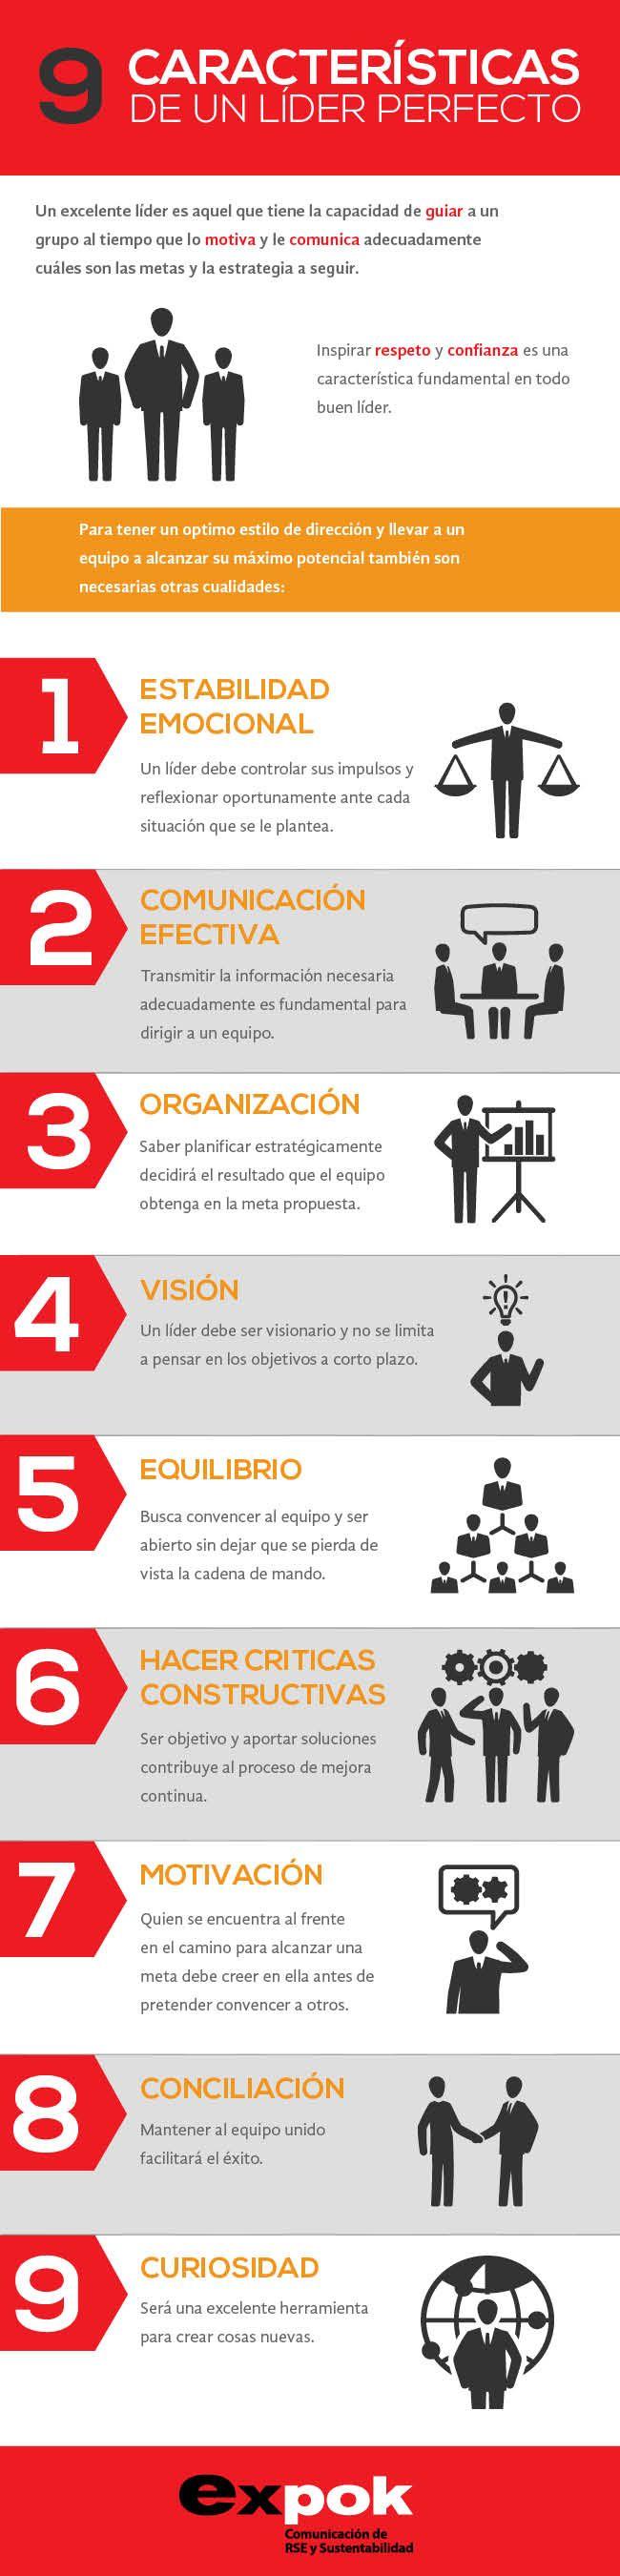 9 Características de los líderes exitosos  #emprende #empreujat #empreaccionate